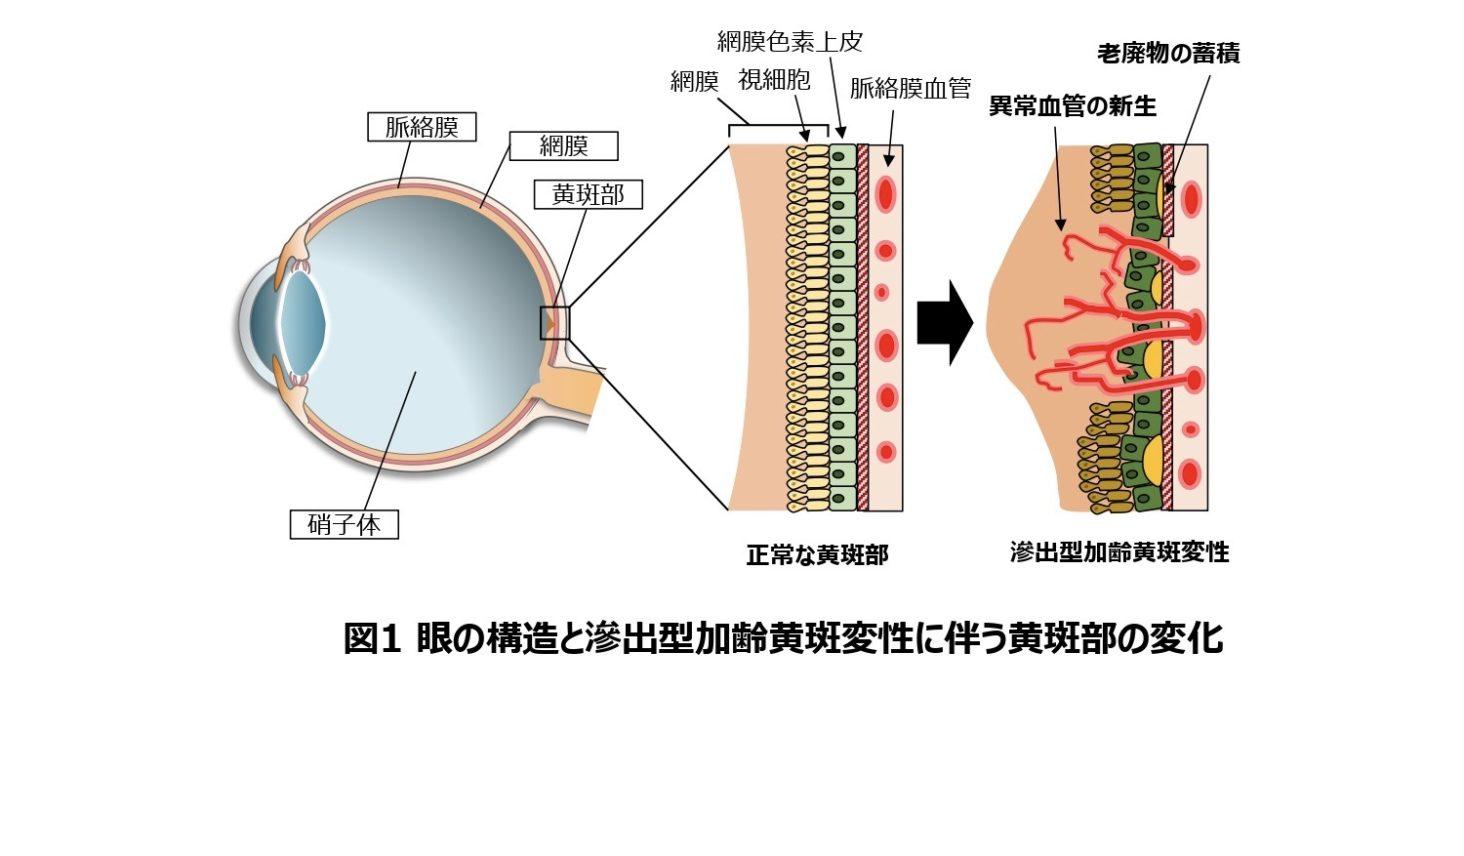 目の構造と滲出型加齢黄斑